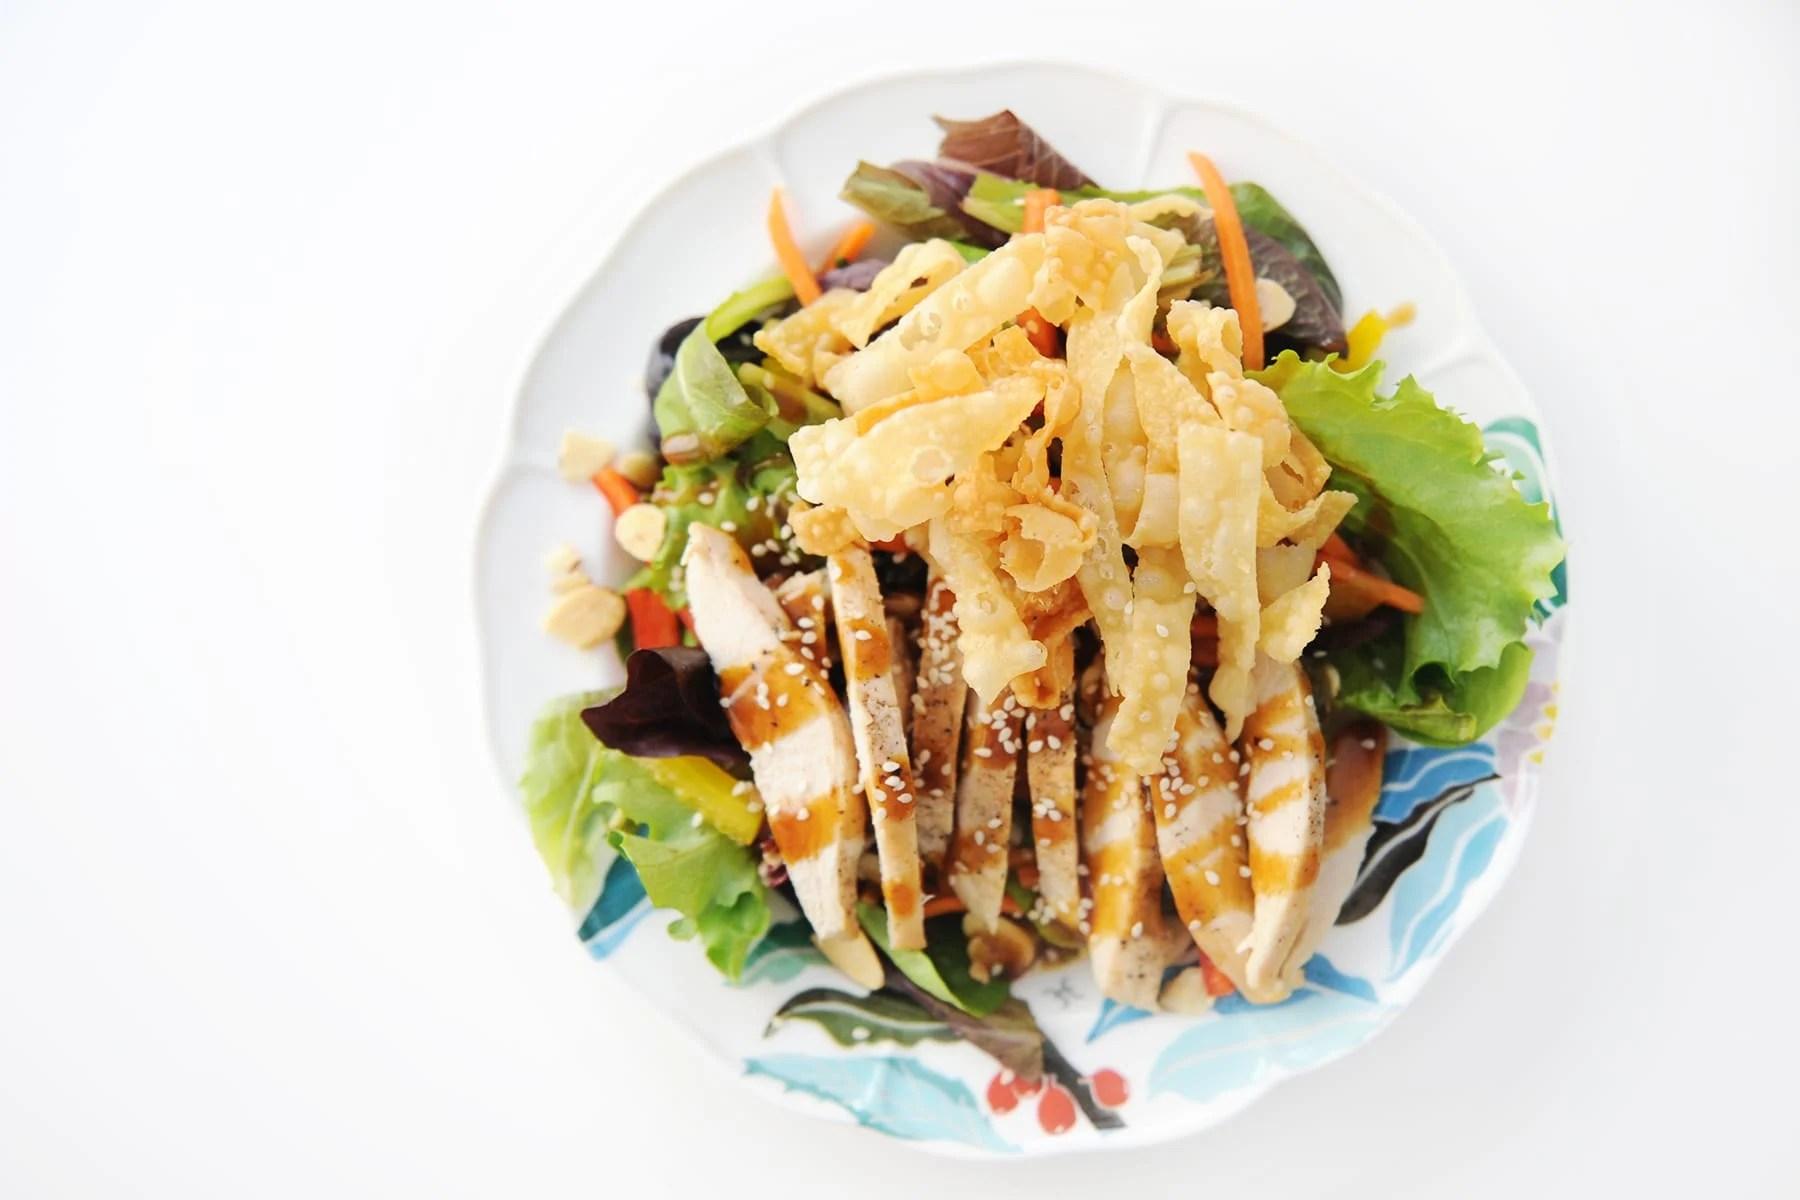 nordstrom cafe salad recipes